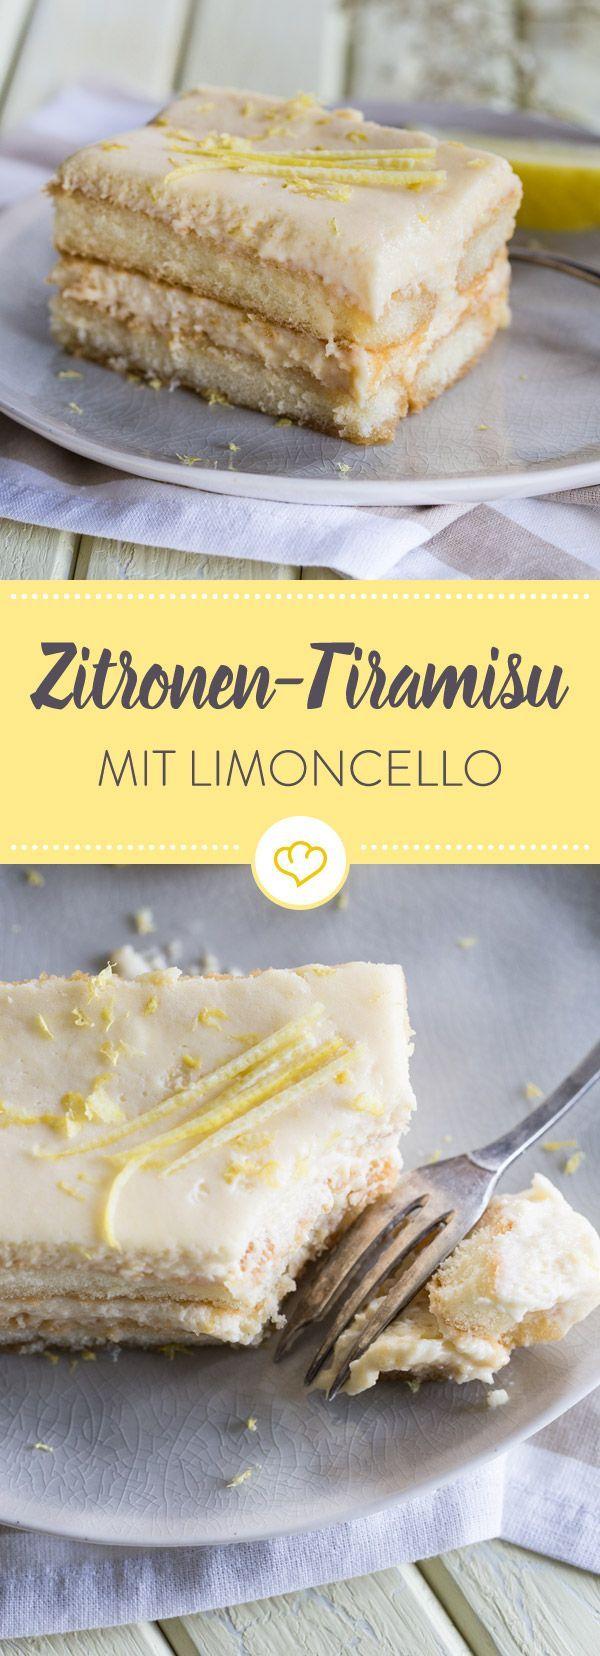 Zitronen Tiramisu: italienischer Klassiker mit sommerlichem Limoncello